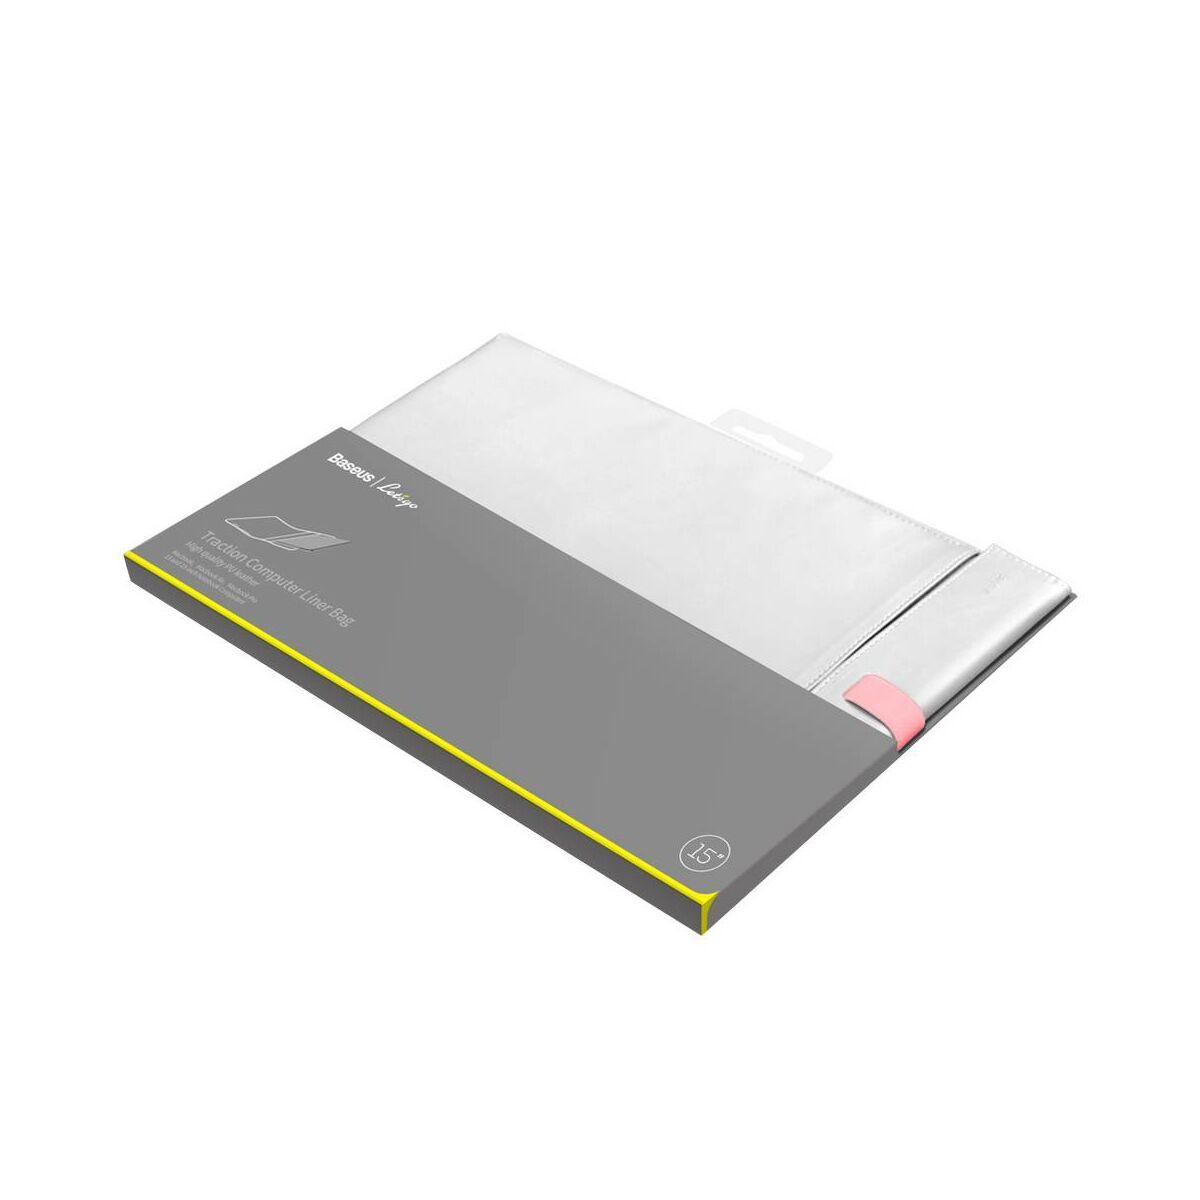 Baseus MacBook és Laptop tartó, mappa jellegű, Lets go Traction tárolásra / hordozásra (16 inch méretig max) fehér/rózsaszín (LBQY-B24)